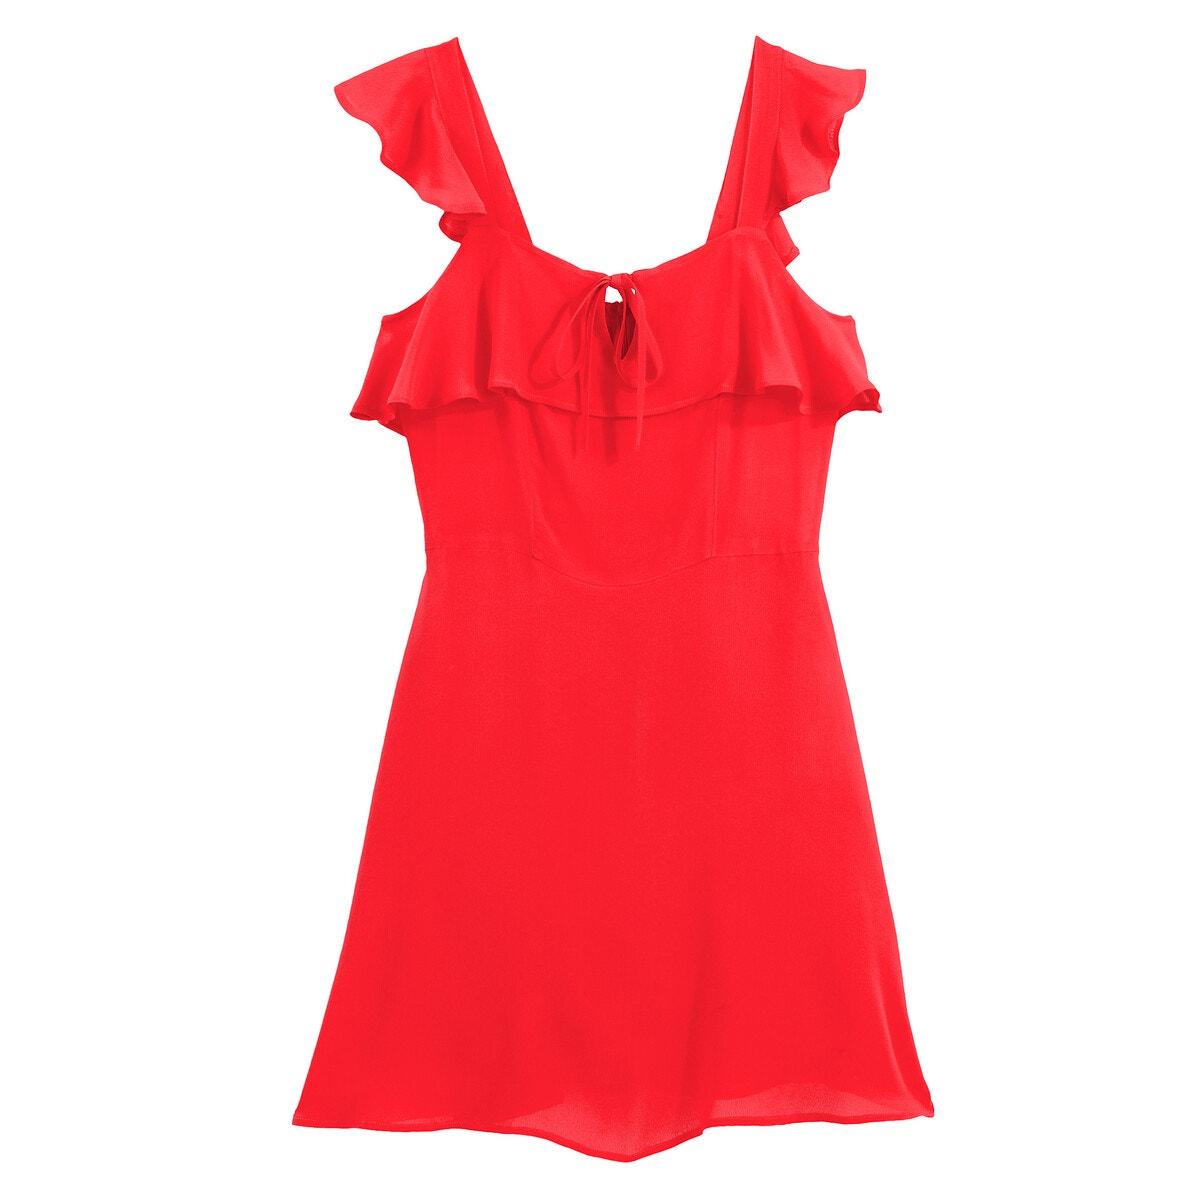 Una propuesta de lo más seductora, este ligero vestido de gasa se destaca con sus volantes en los hombros tan femeninos y su corte que se adaptará de manera ideal a tu silueta.